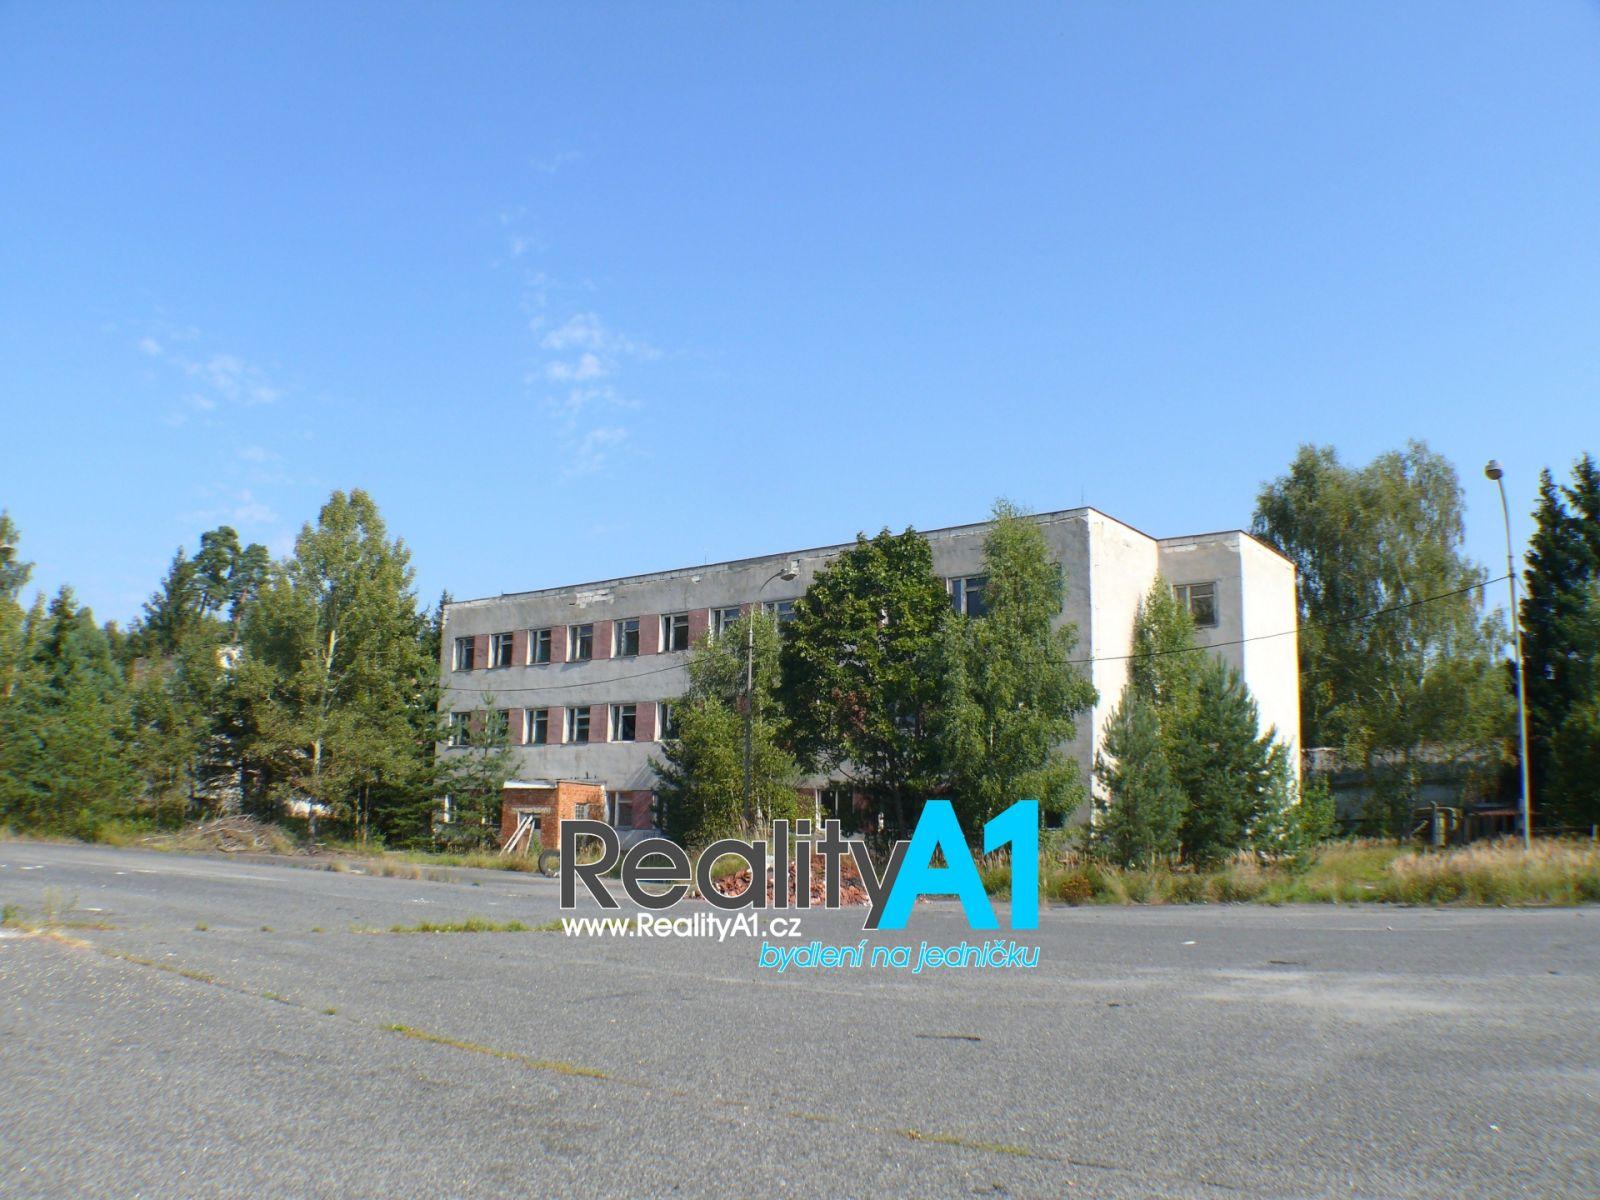 Pronájem výrobního objektu 1850 m2 s pozemkem 3000 m2 - průmyslová zóna Ralsko - Kuřívody